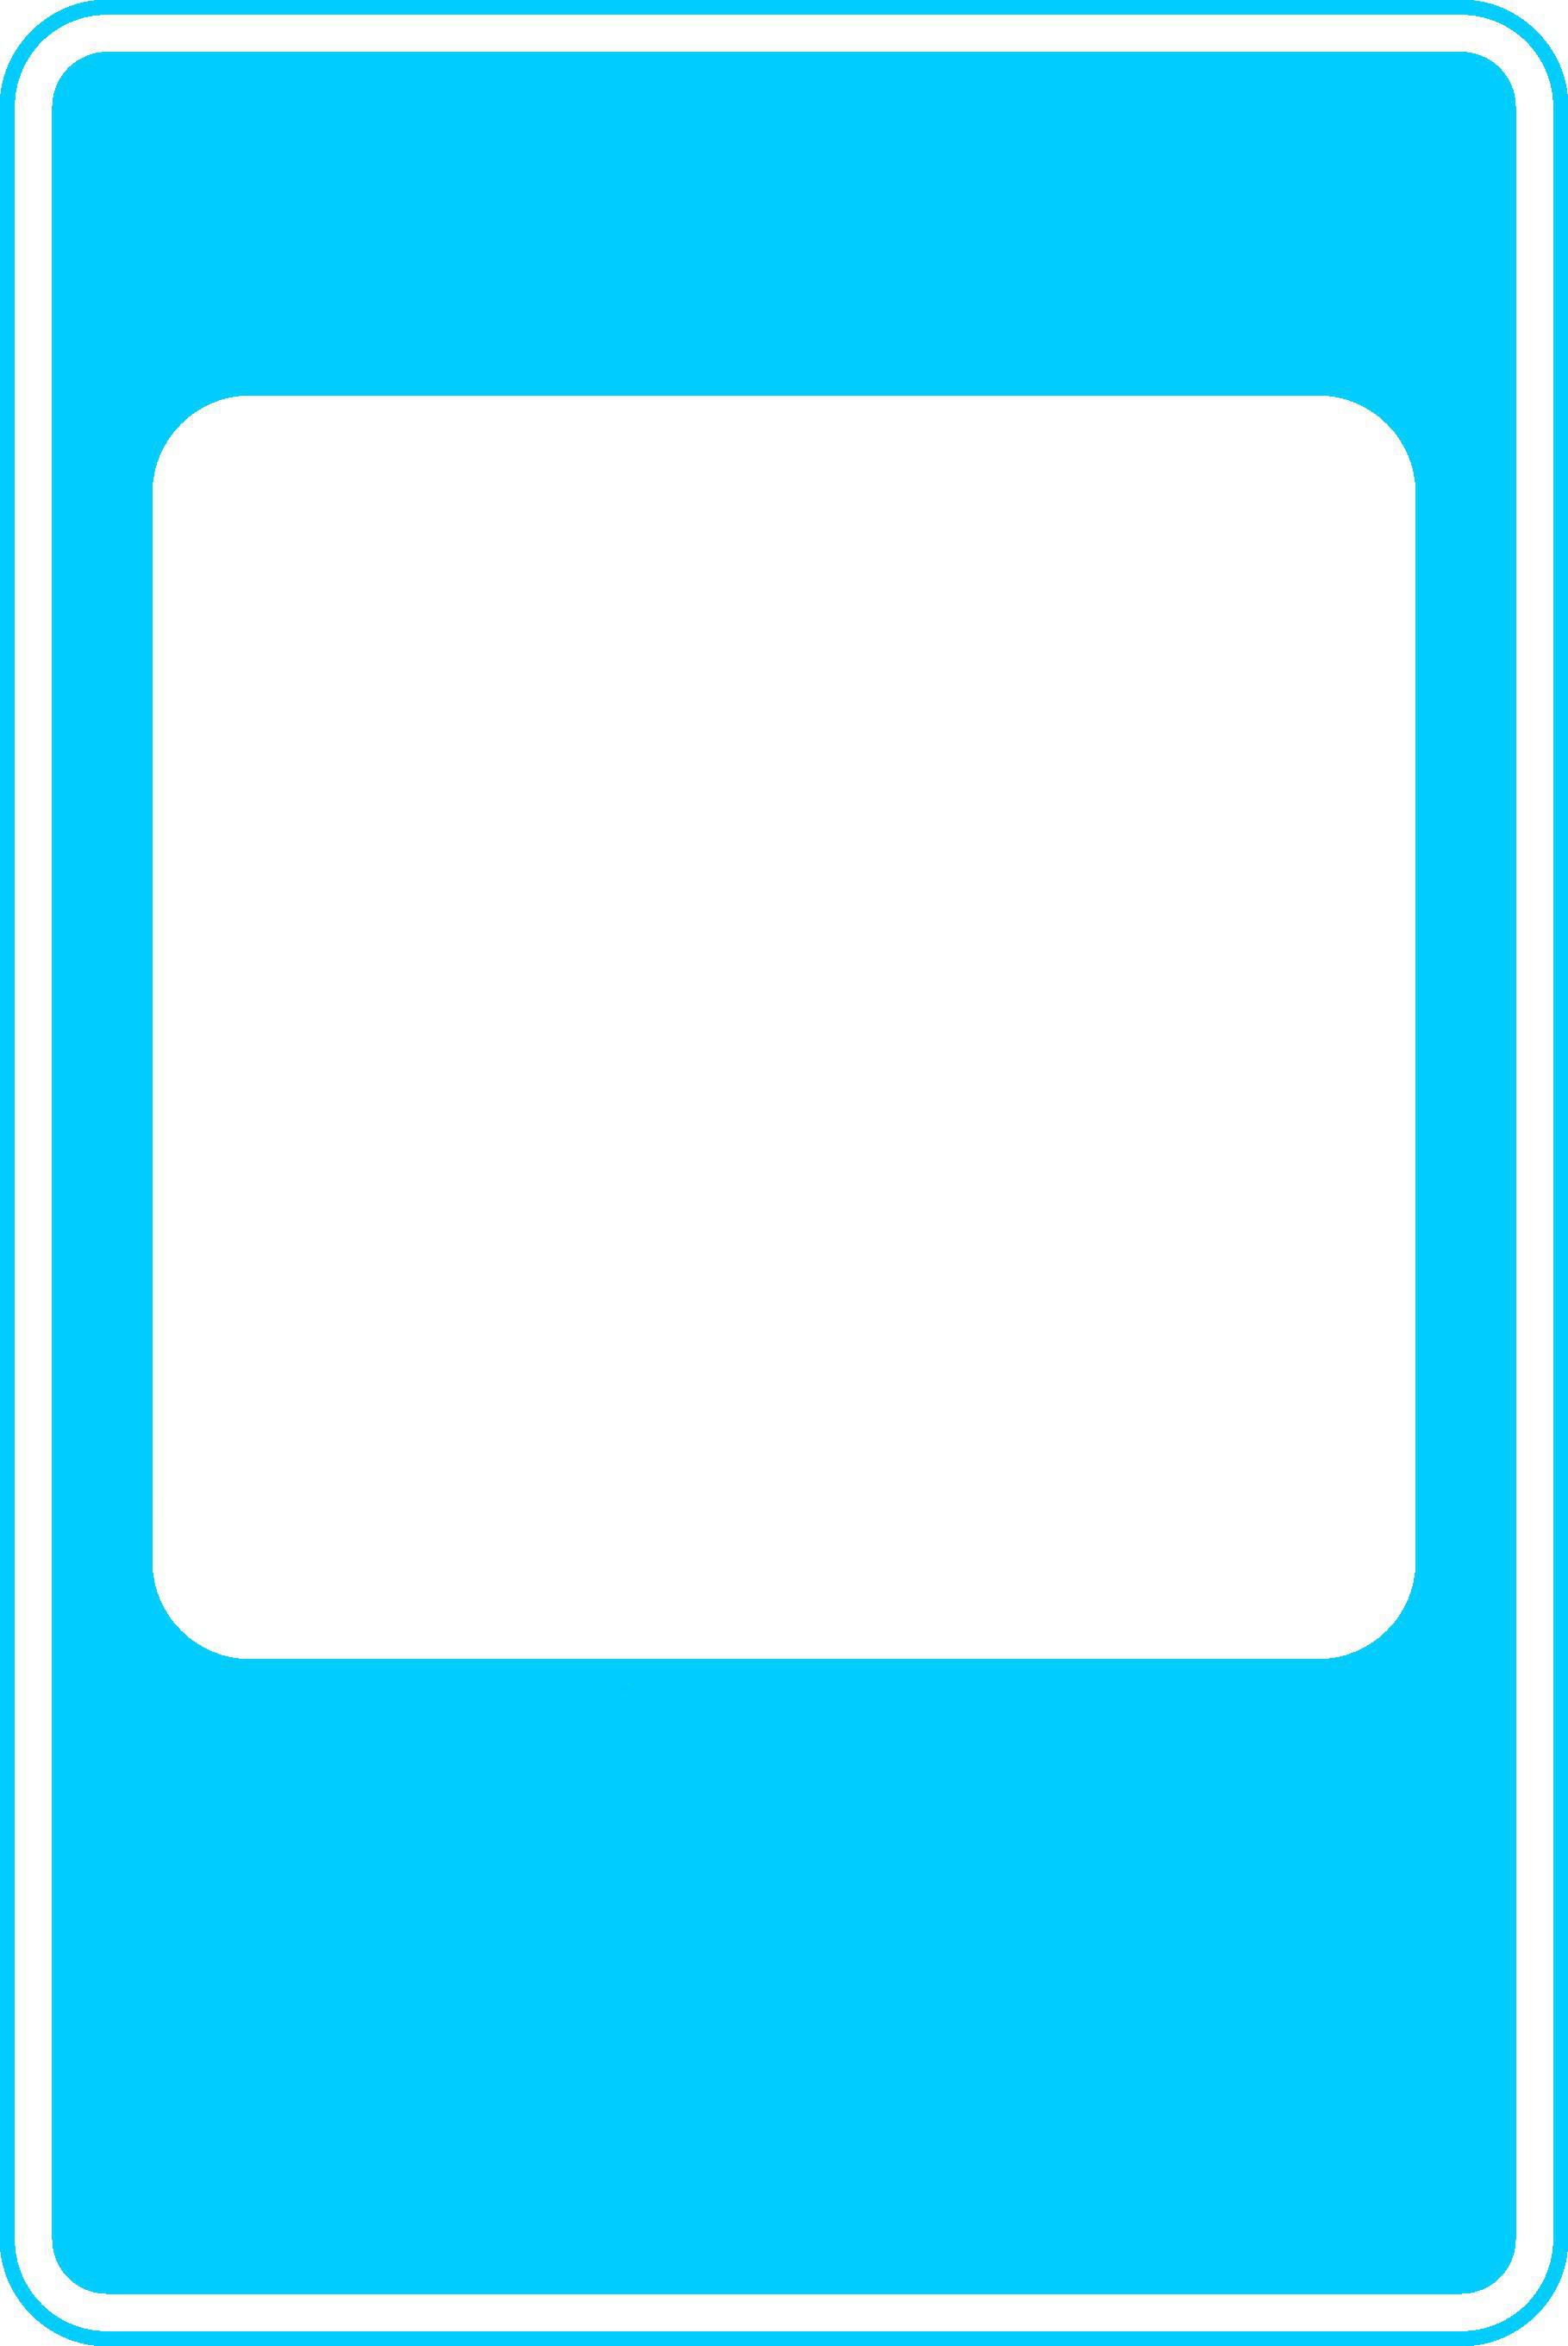 hello_html_4c1e7a2.jpg